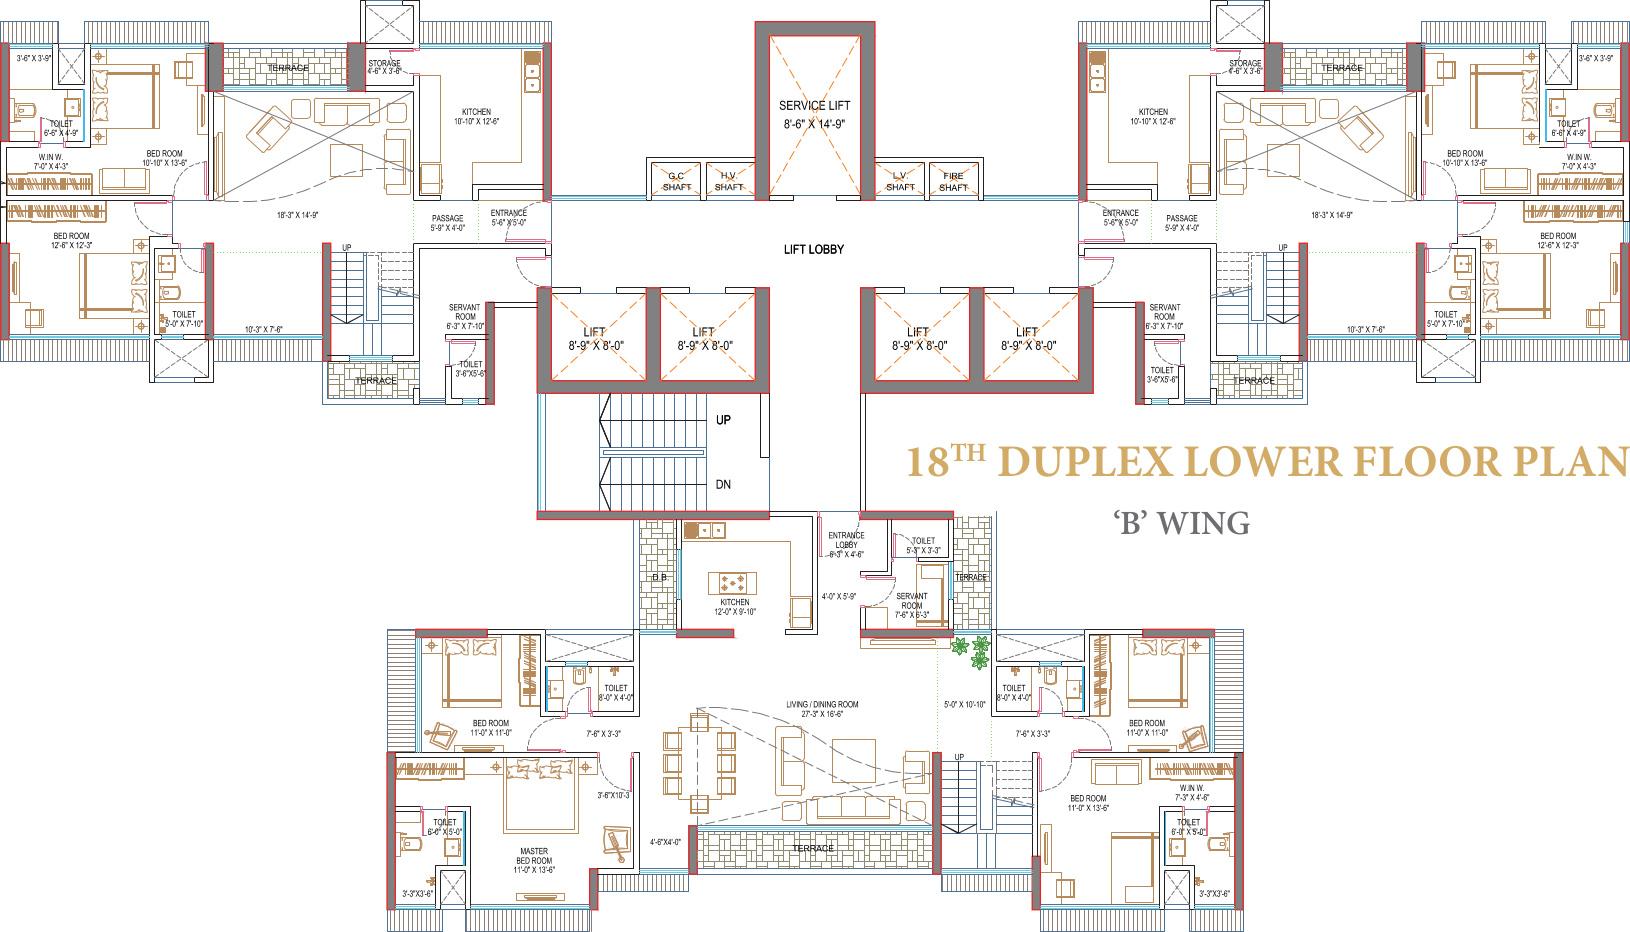 Luxor casino floor plan